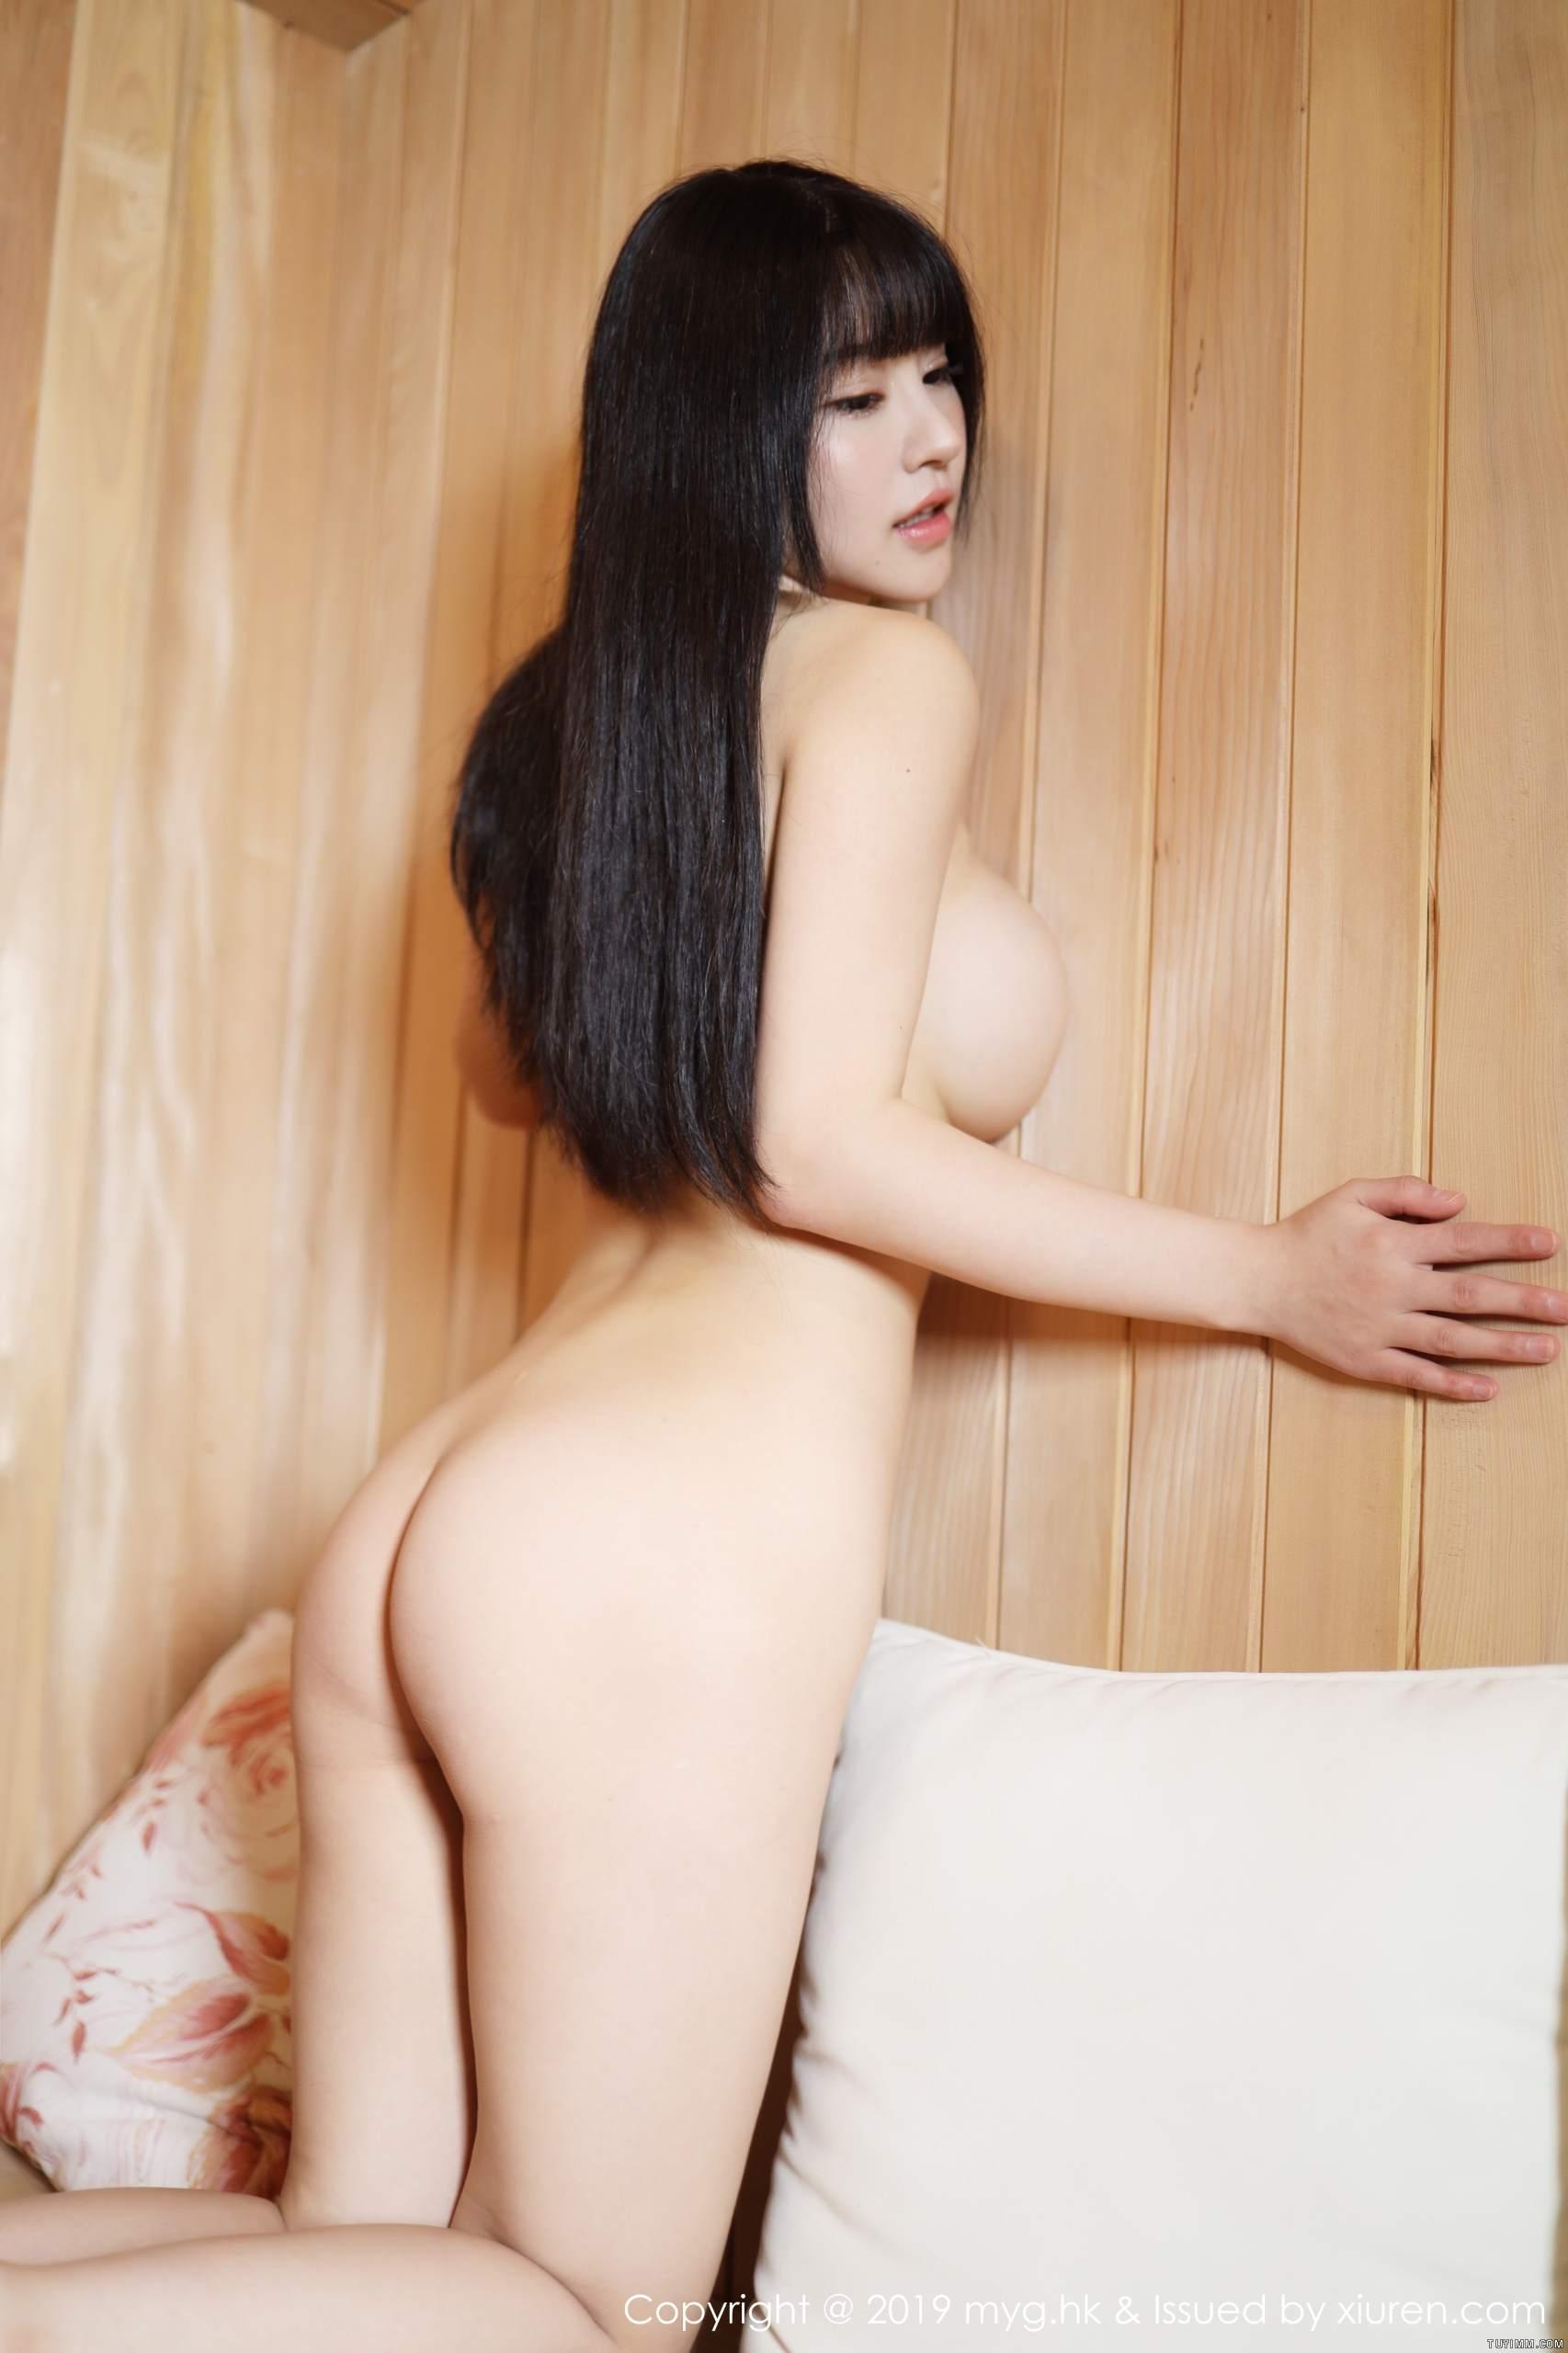 [福利]齐逼露点的豪放美女吸睛爆乳魔鬼身材性感美女-第33张图片-哔哔娱乐网